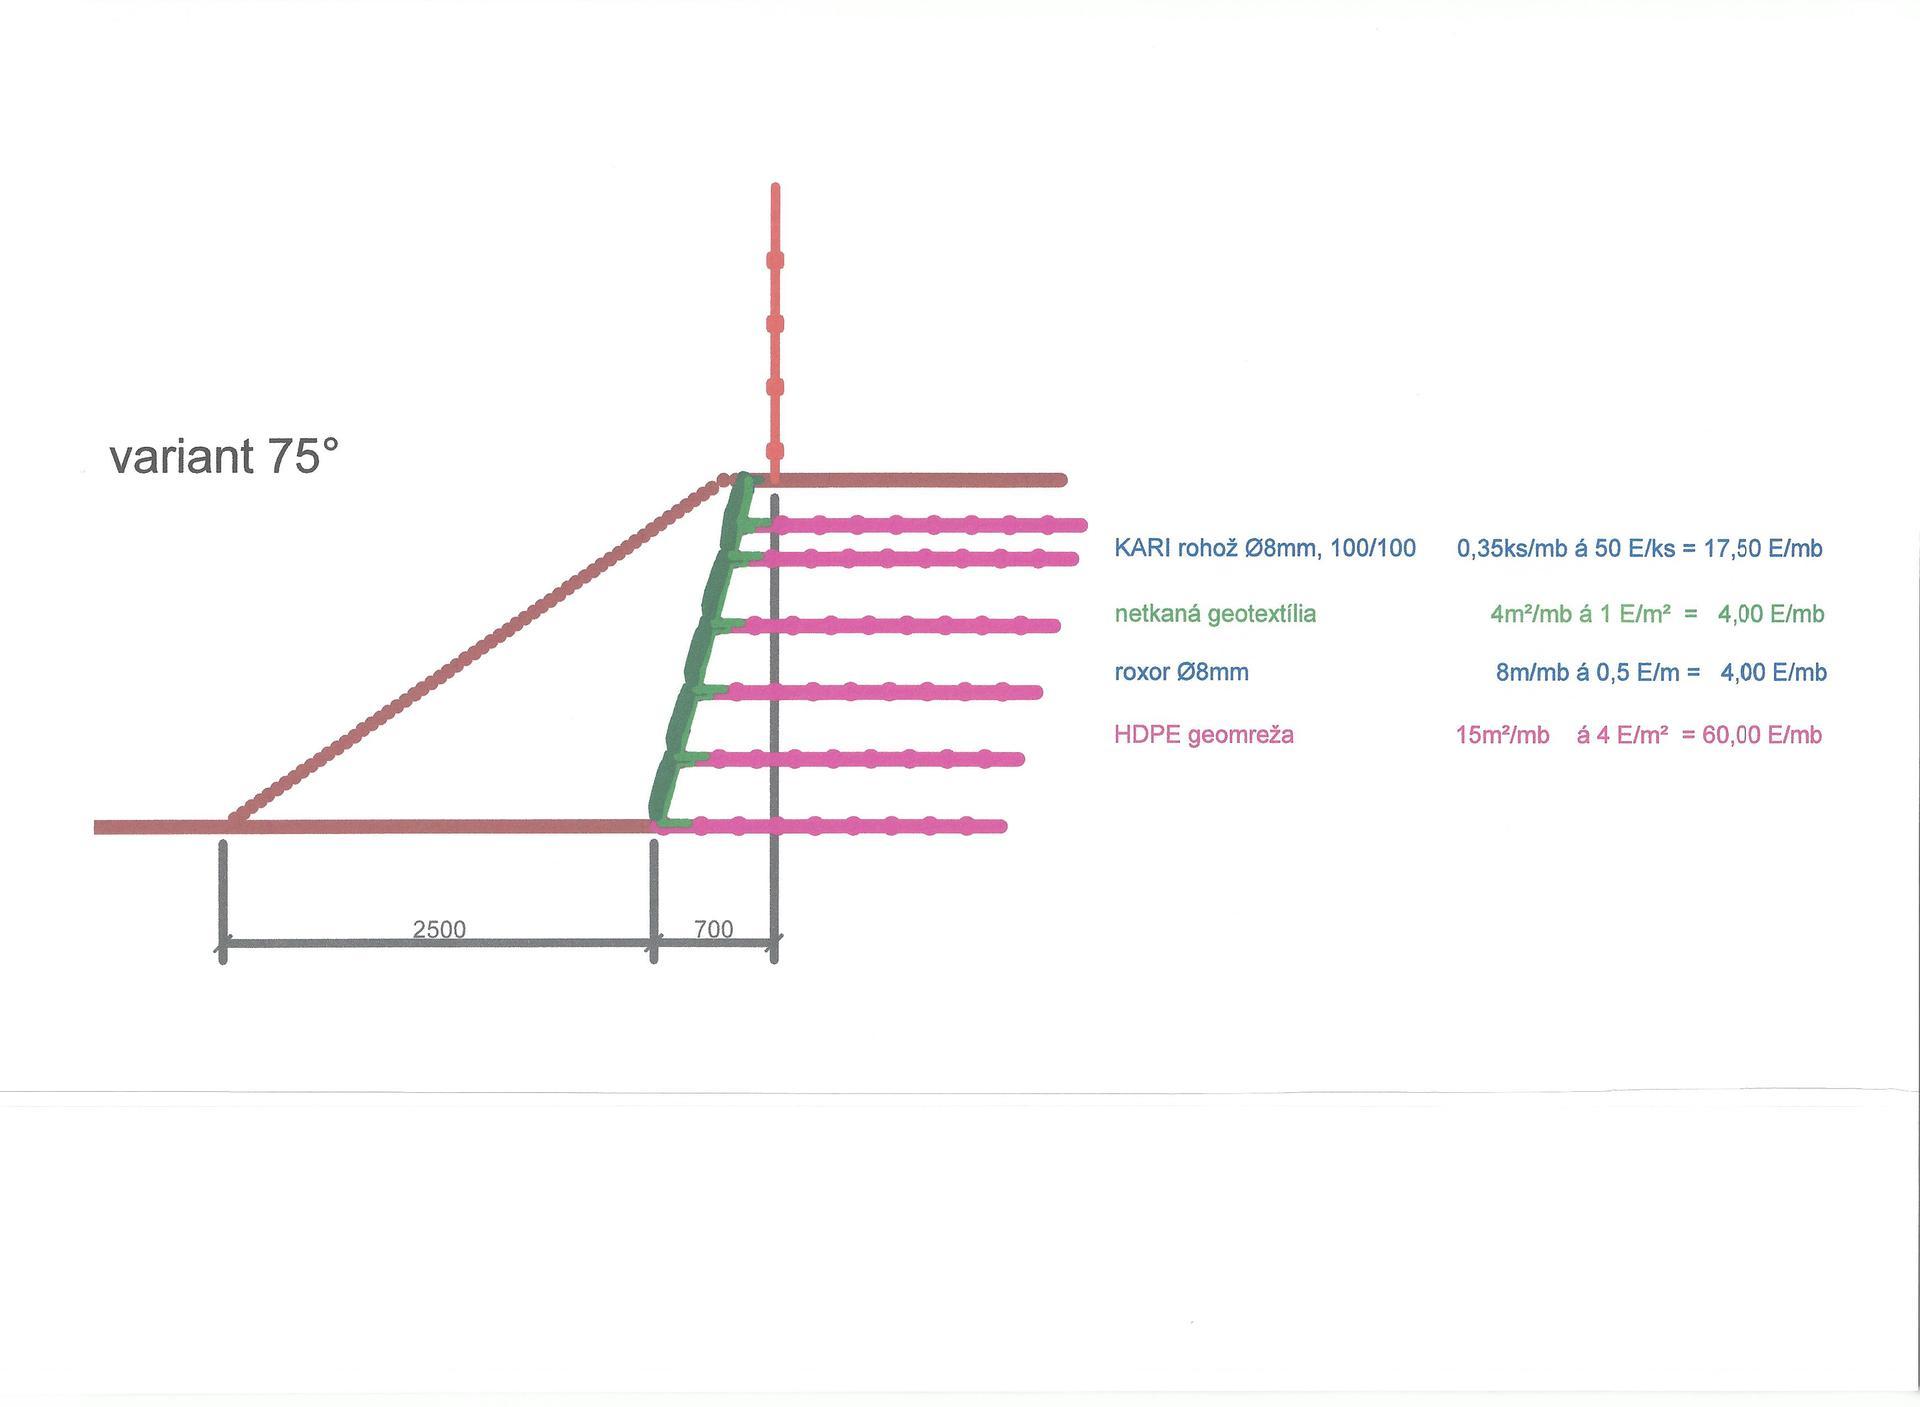 19. SVAH MEDZI SUSEDMI - otázka a odpoveď - 04. Variant s úpravou svahu cca 75°.